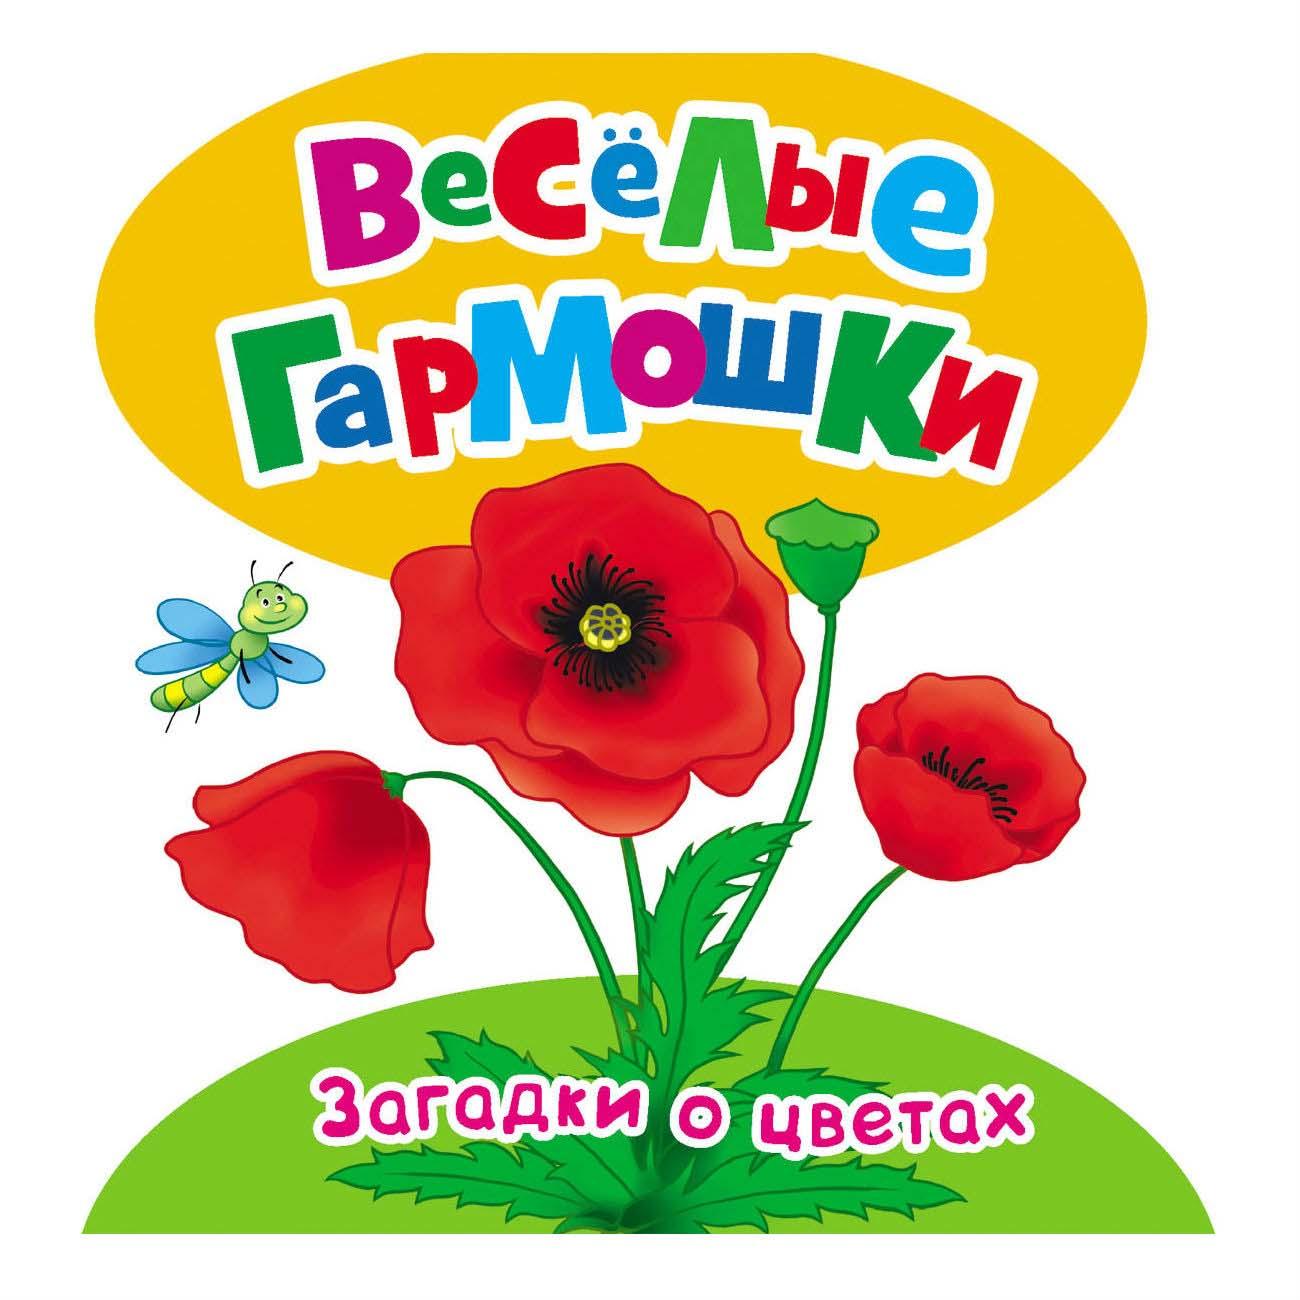 Загадки о цветах - Веселые гармошкиКнижки-малышки<br>Загадки о цветах - Веселые гармошки<br>